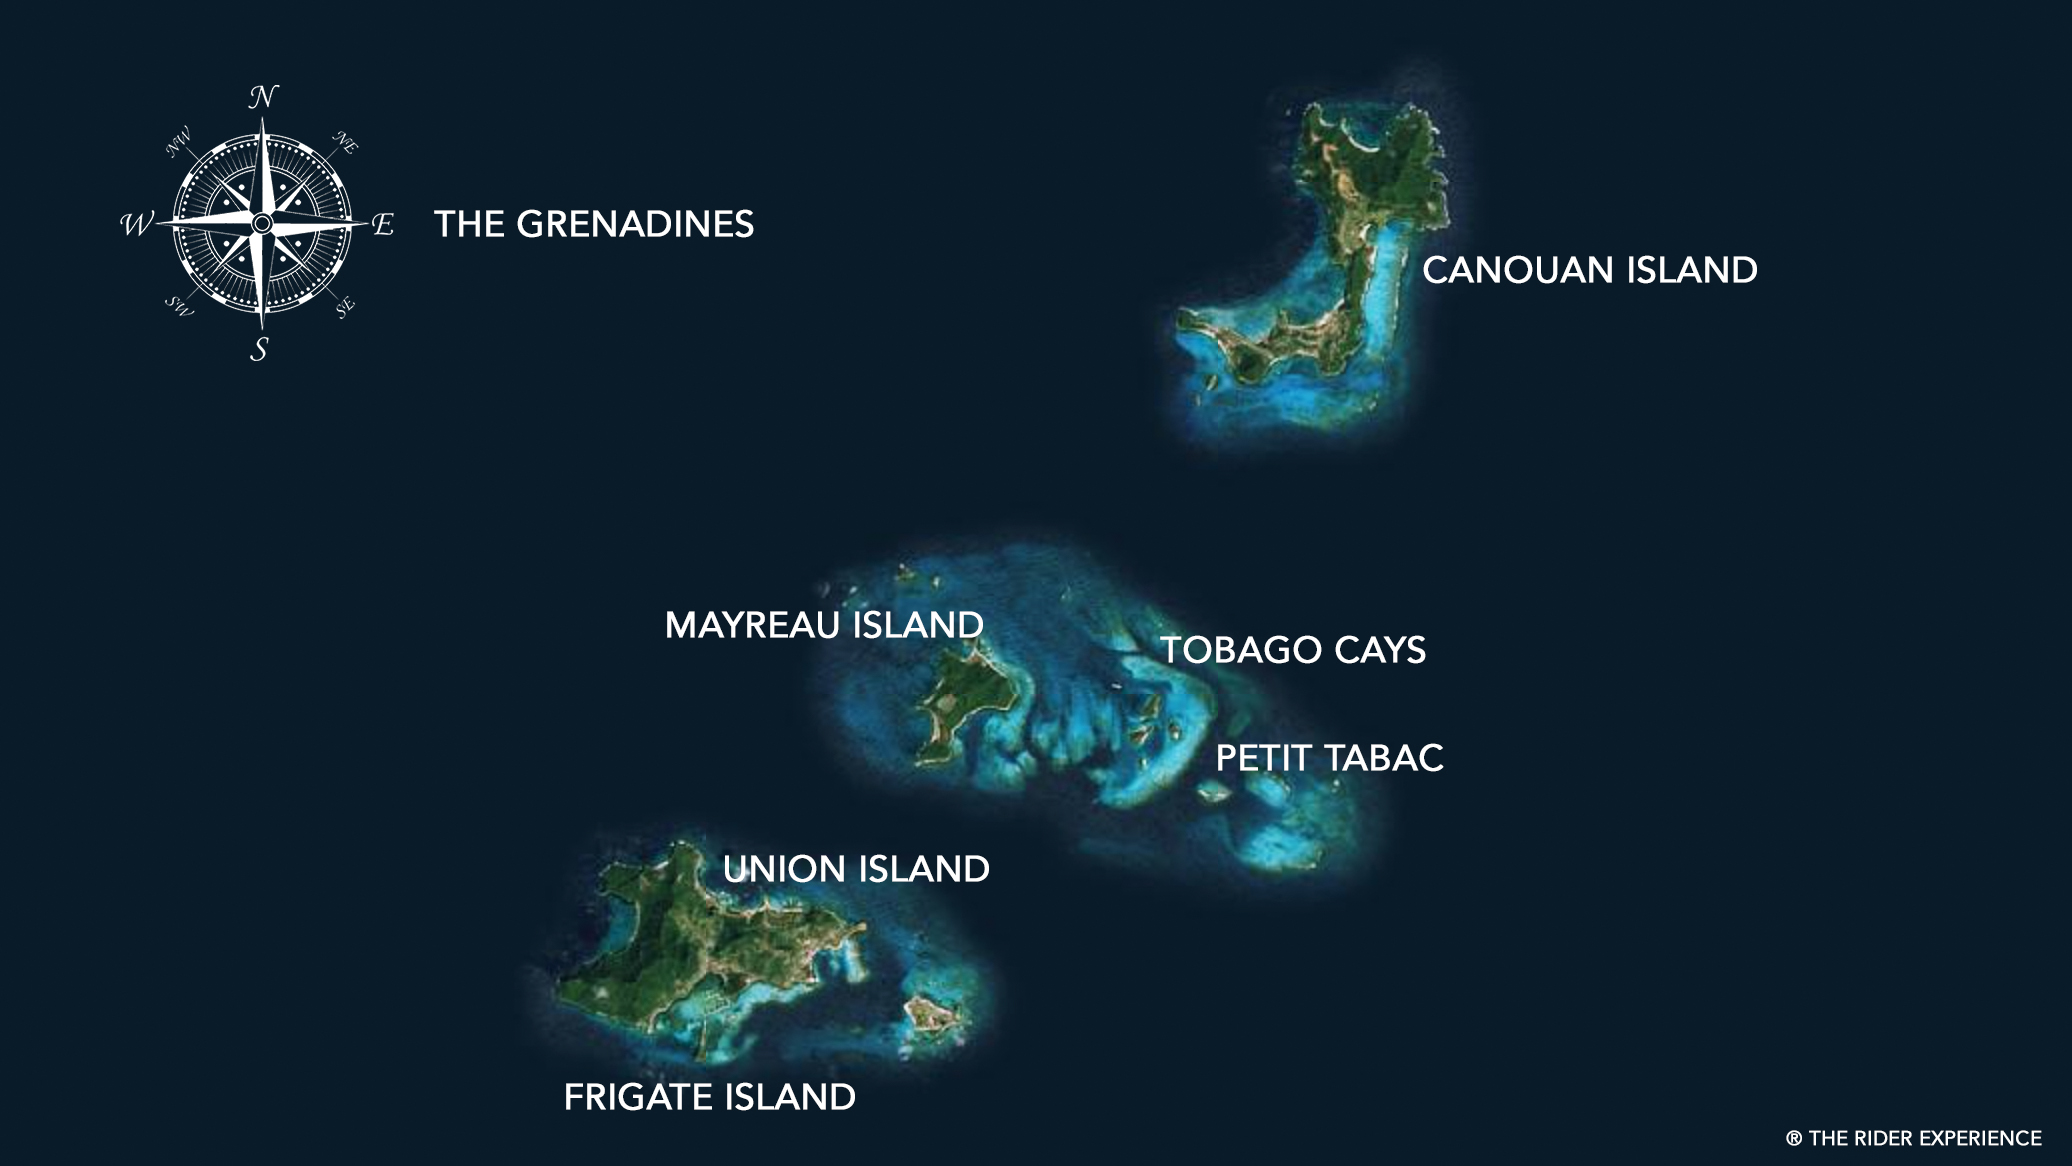 grenadines kitesurfing cruise spot guide.jpg